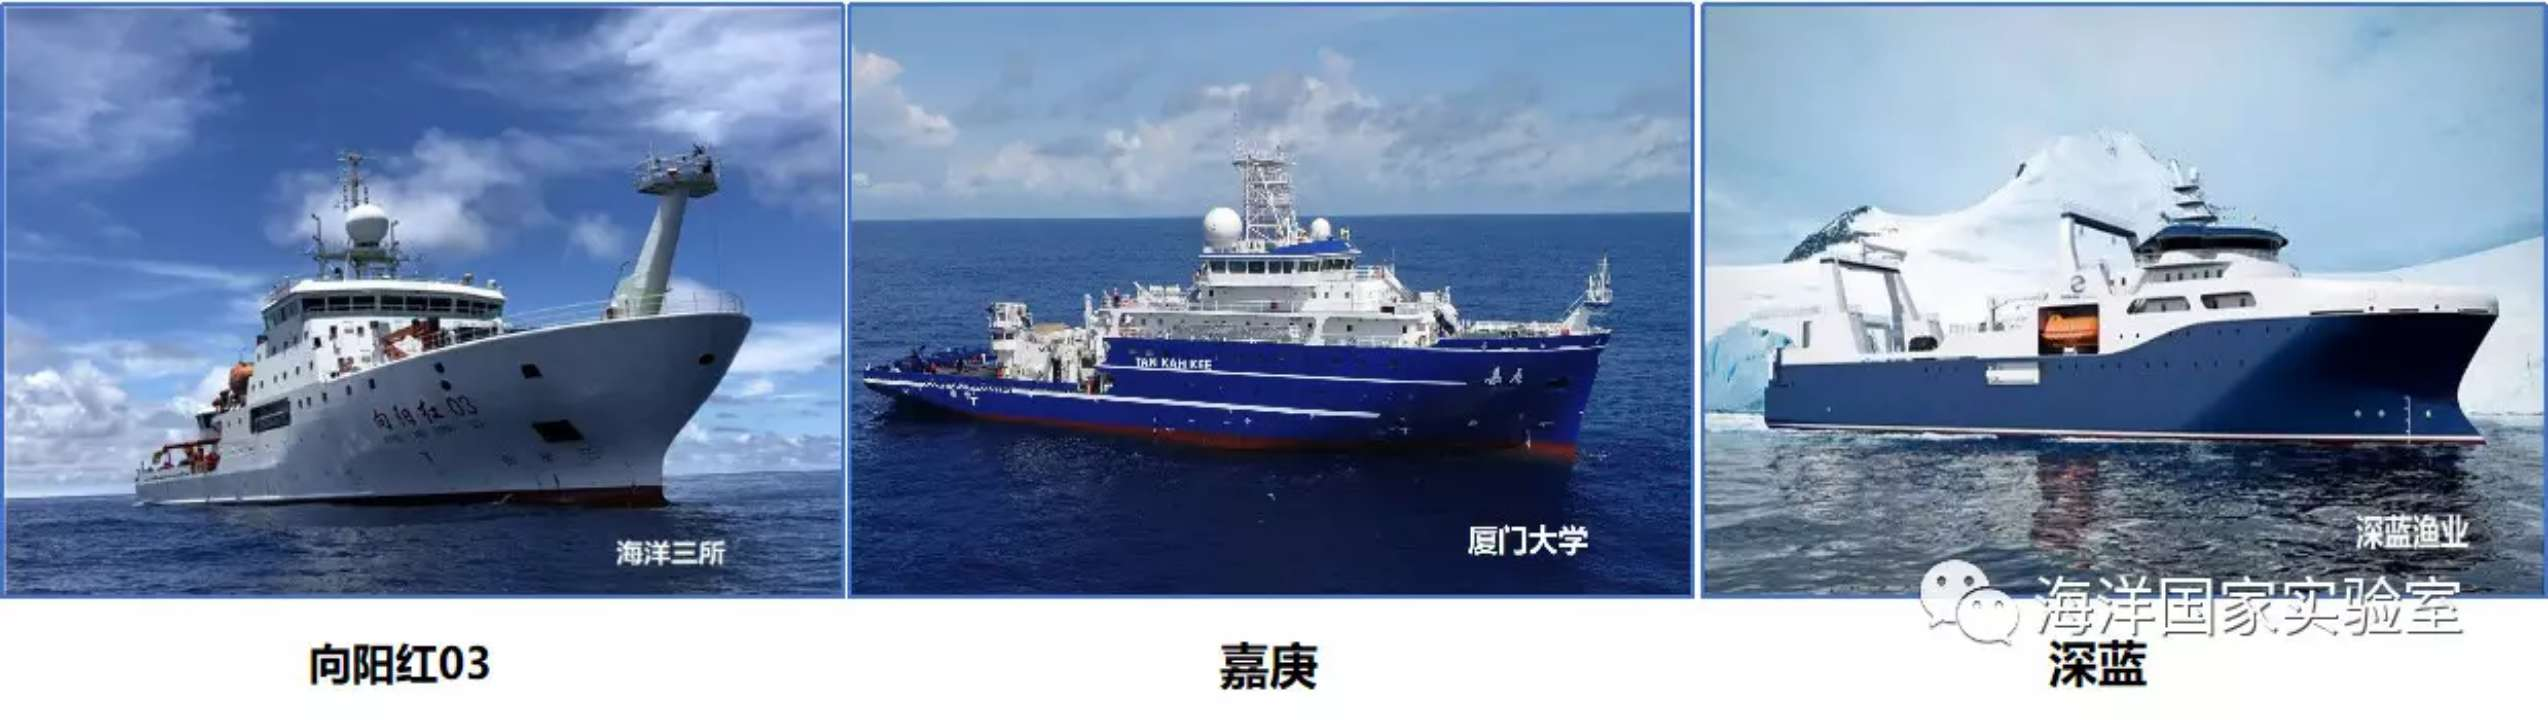 海洋试点国家实验室深远海科学考察船队新增三艘成员船